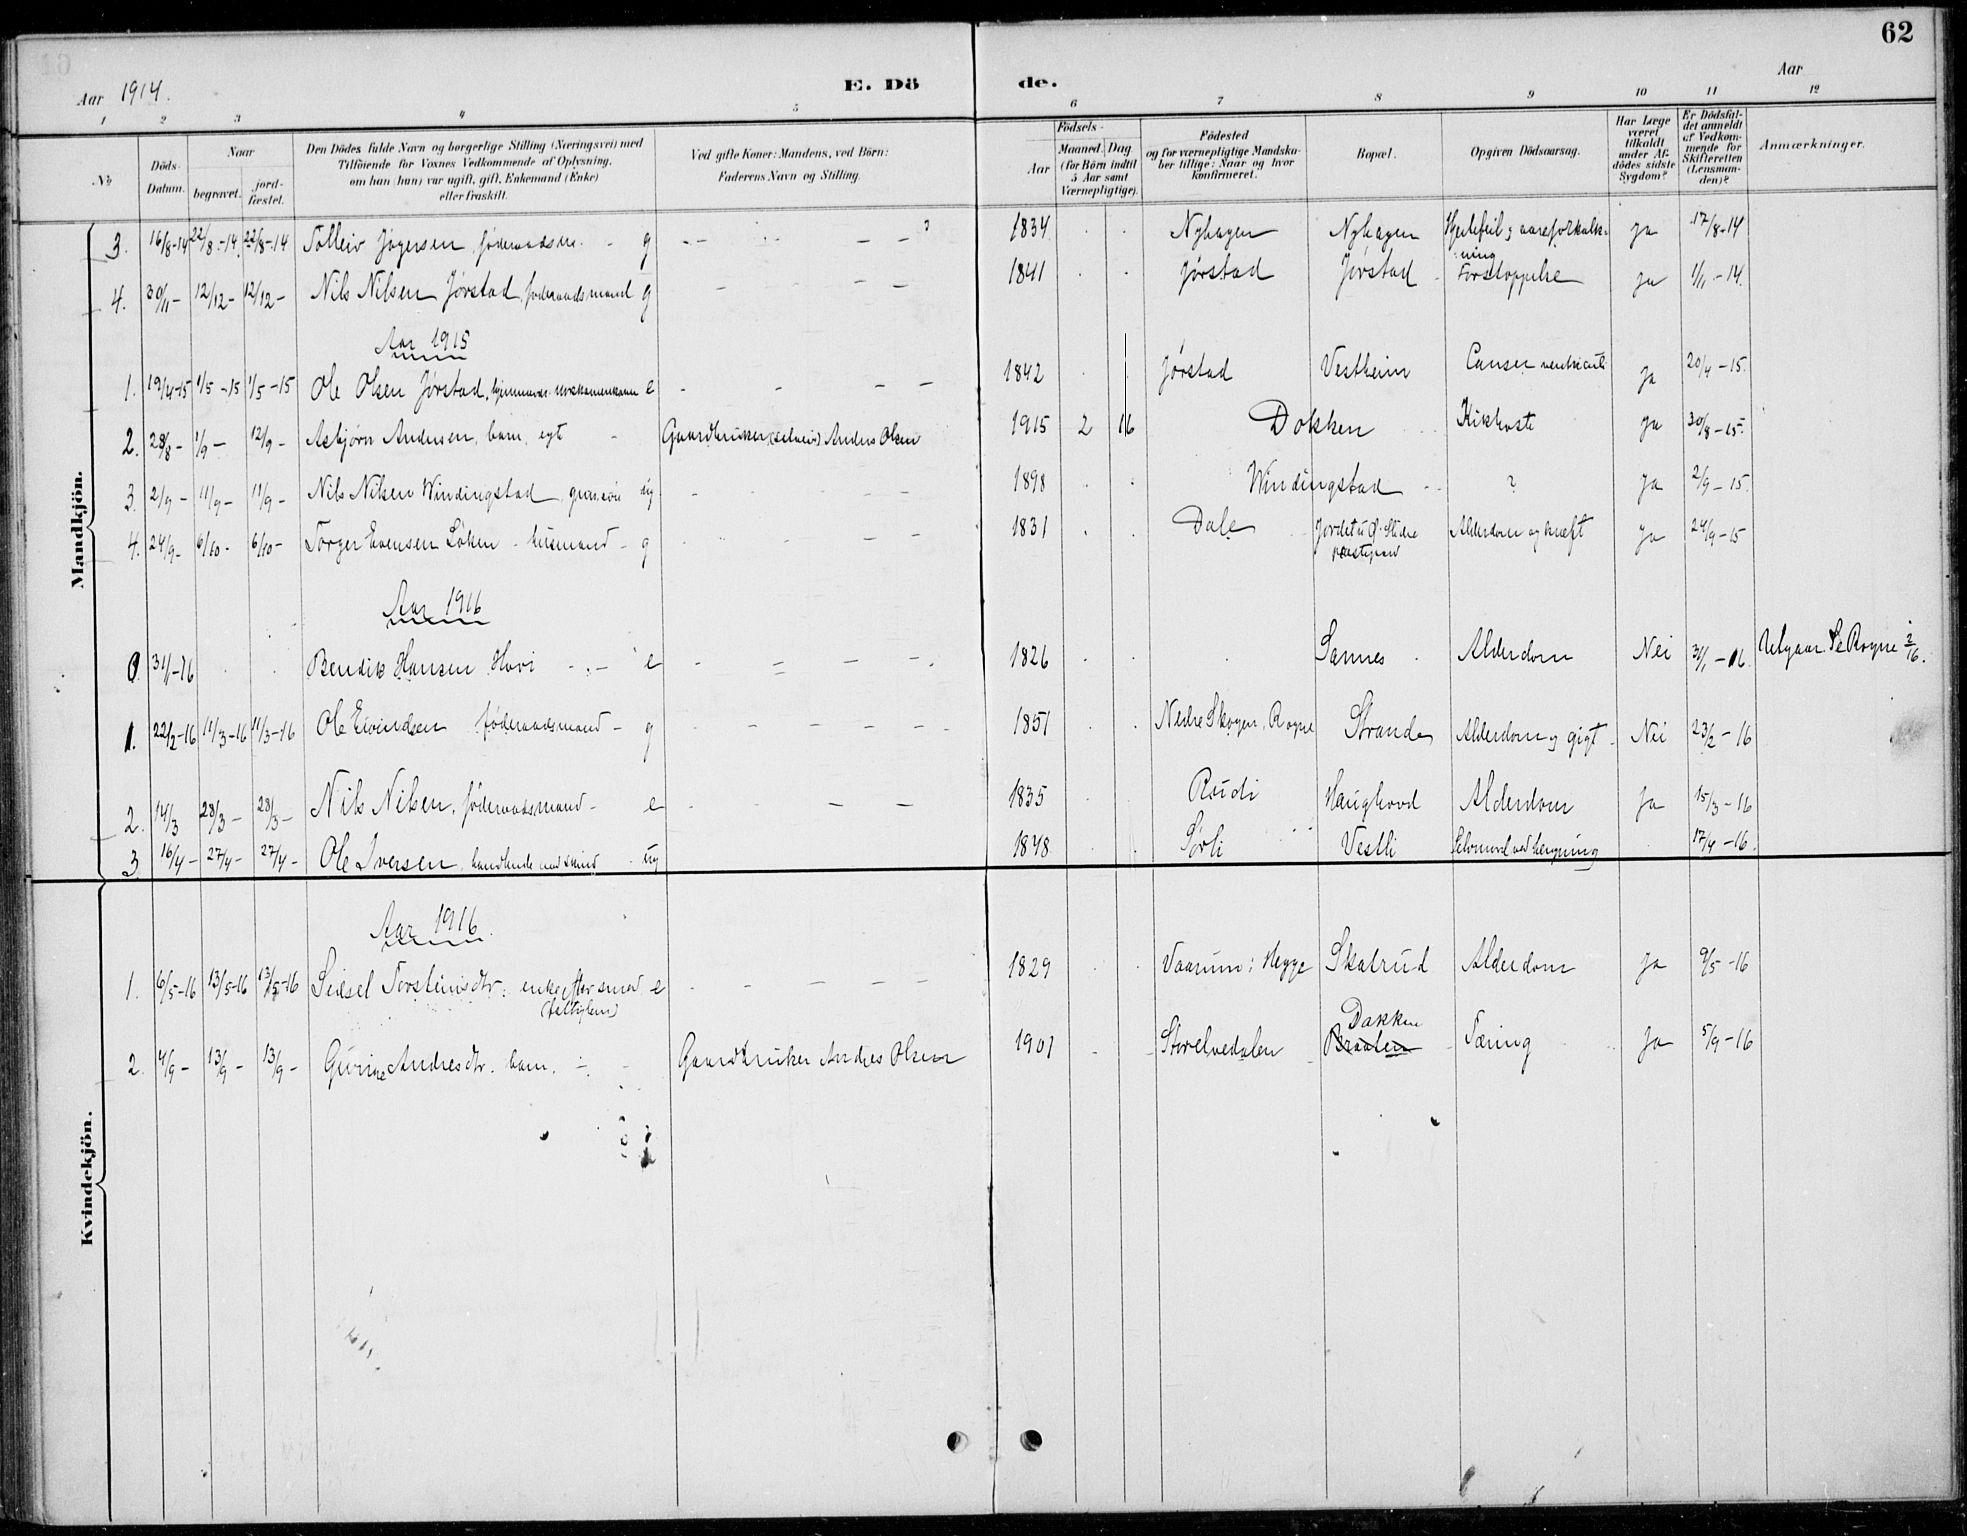 SAH, Øystre Slidre prestekontor, Ministerialbok nr. 5, 1887-1916, s. 62